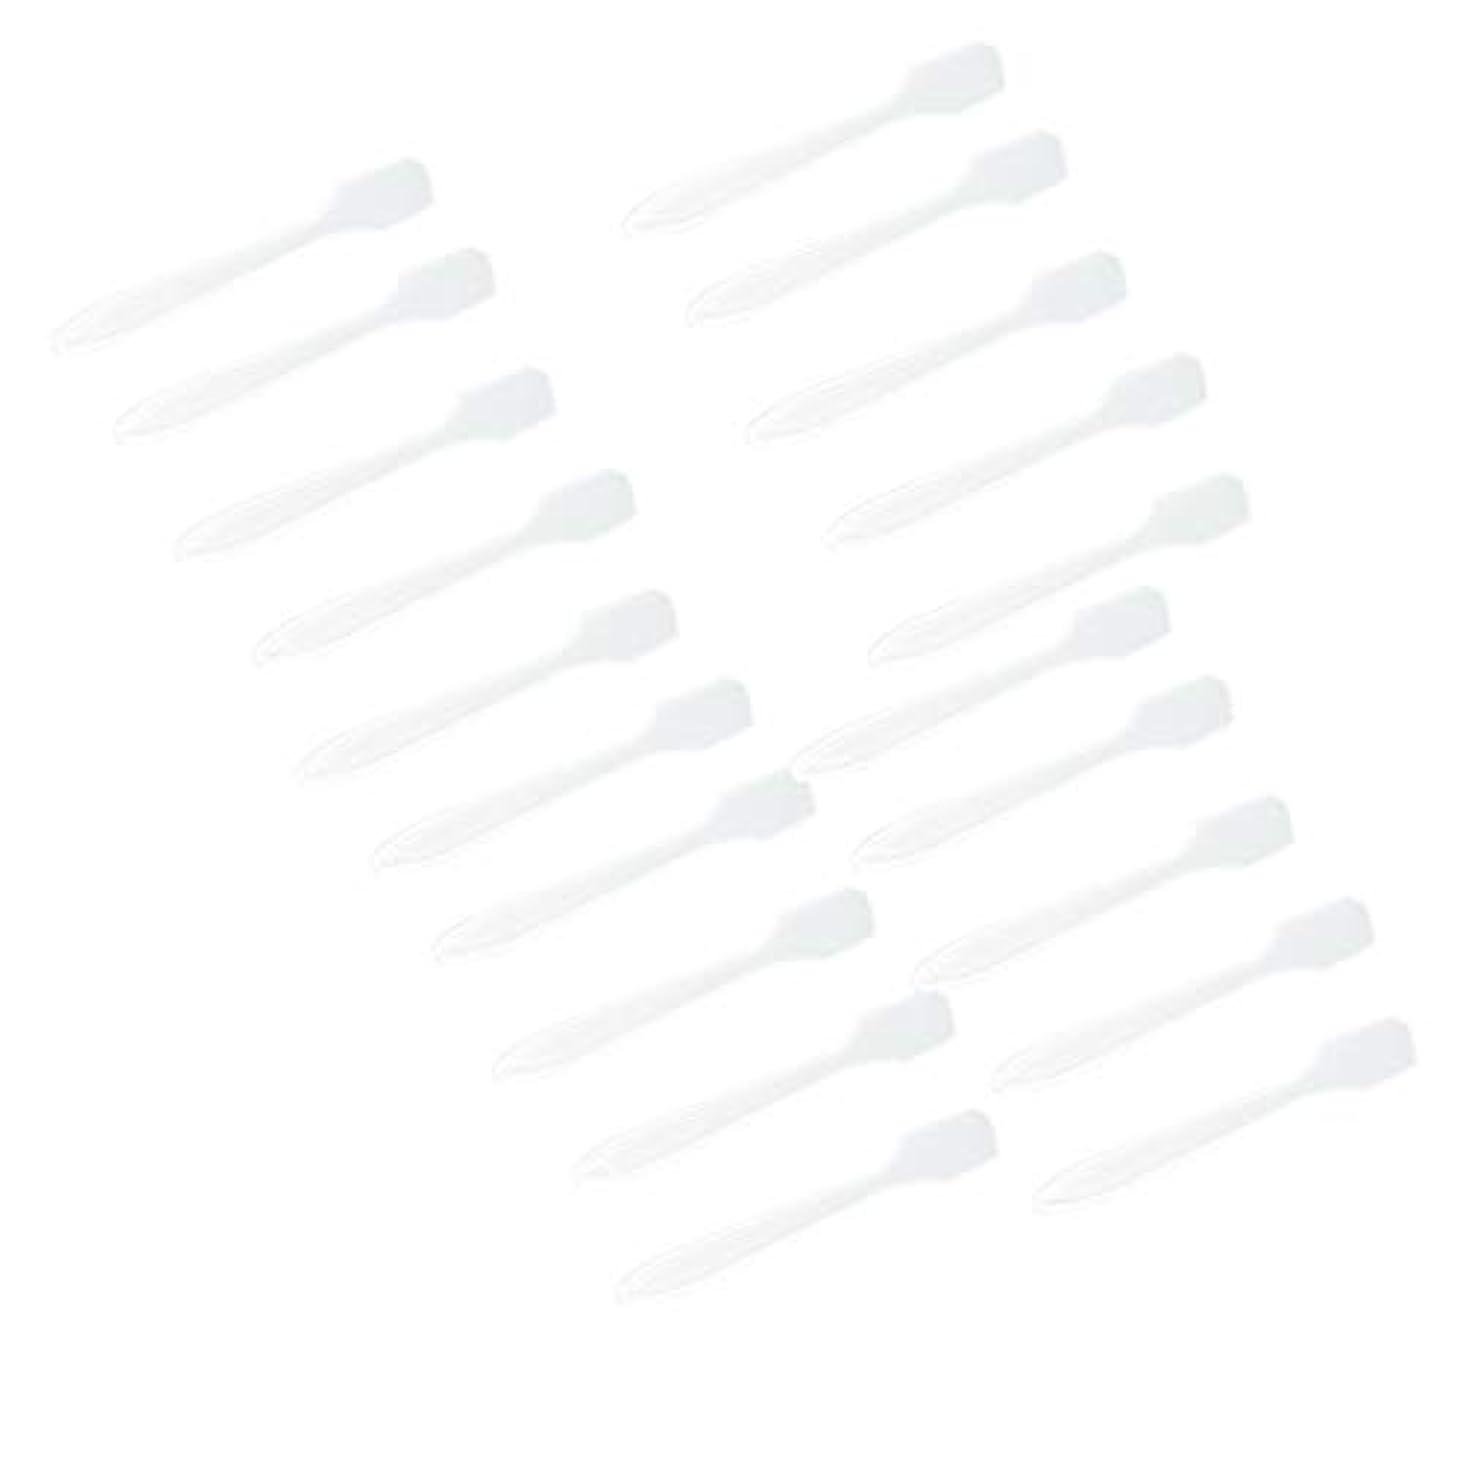 ヘッジ十セント5カラー選ぶ 化粧品へら スプーン フェイシャル クリーム マスクスプーン 美容パックツール 全100点 - クリア